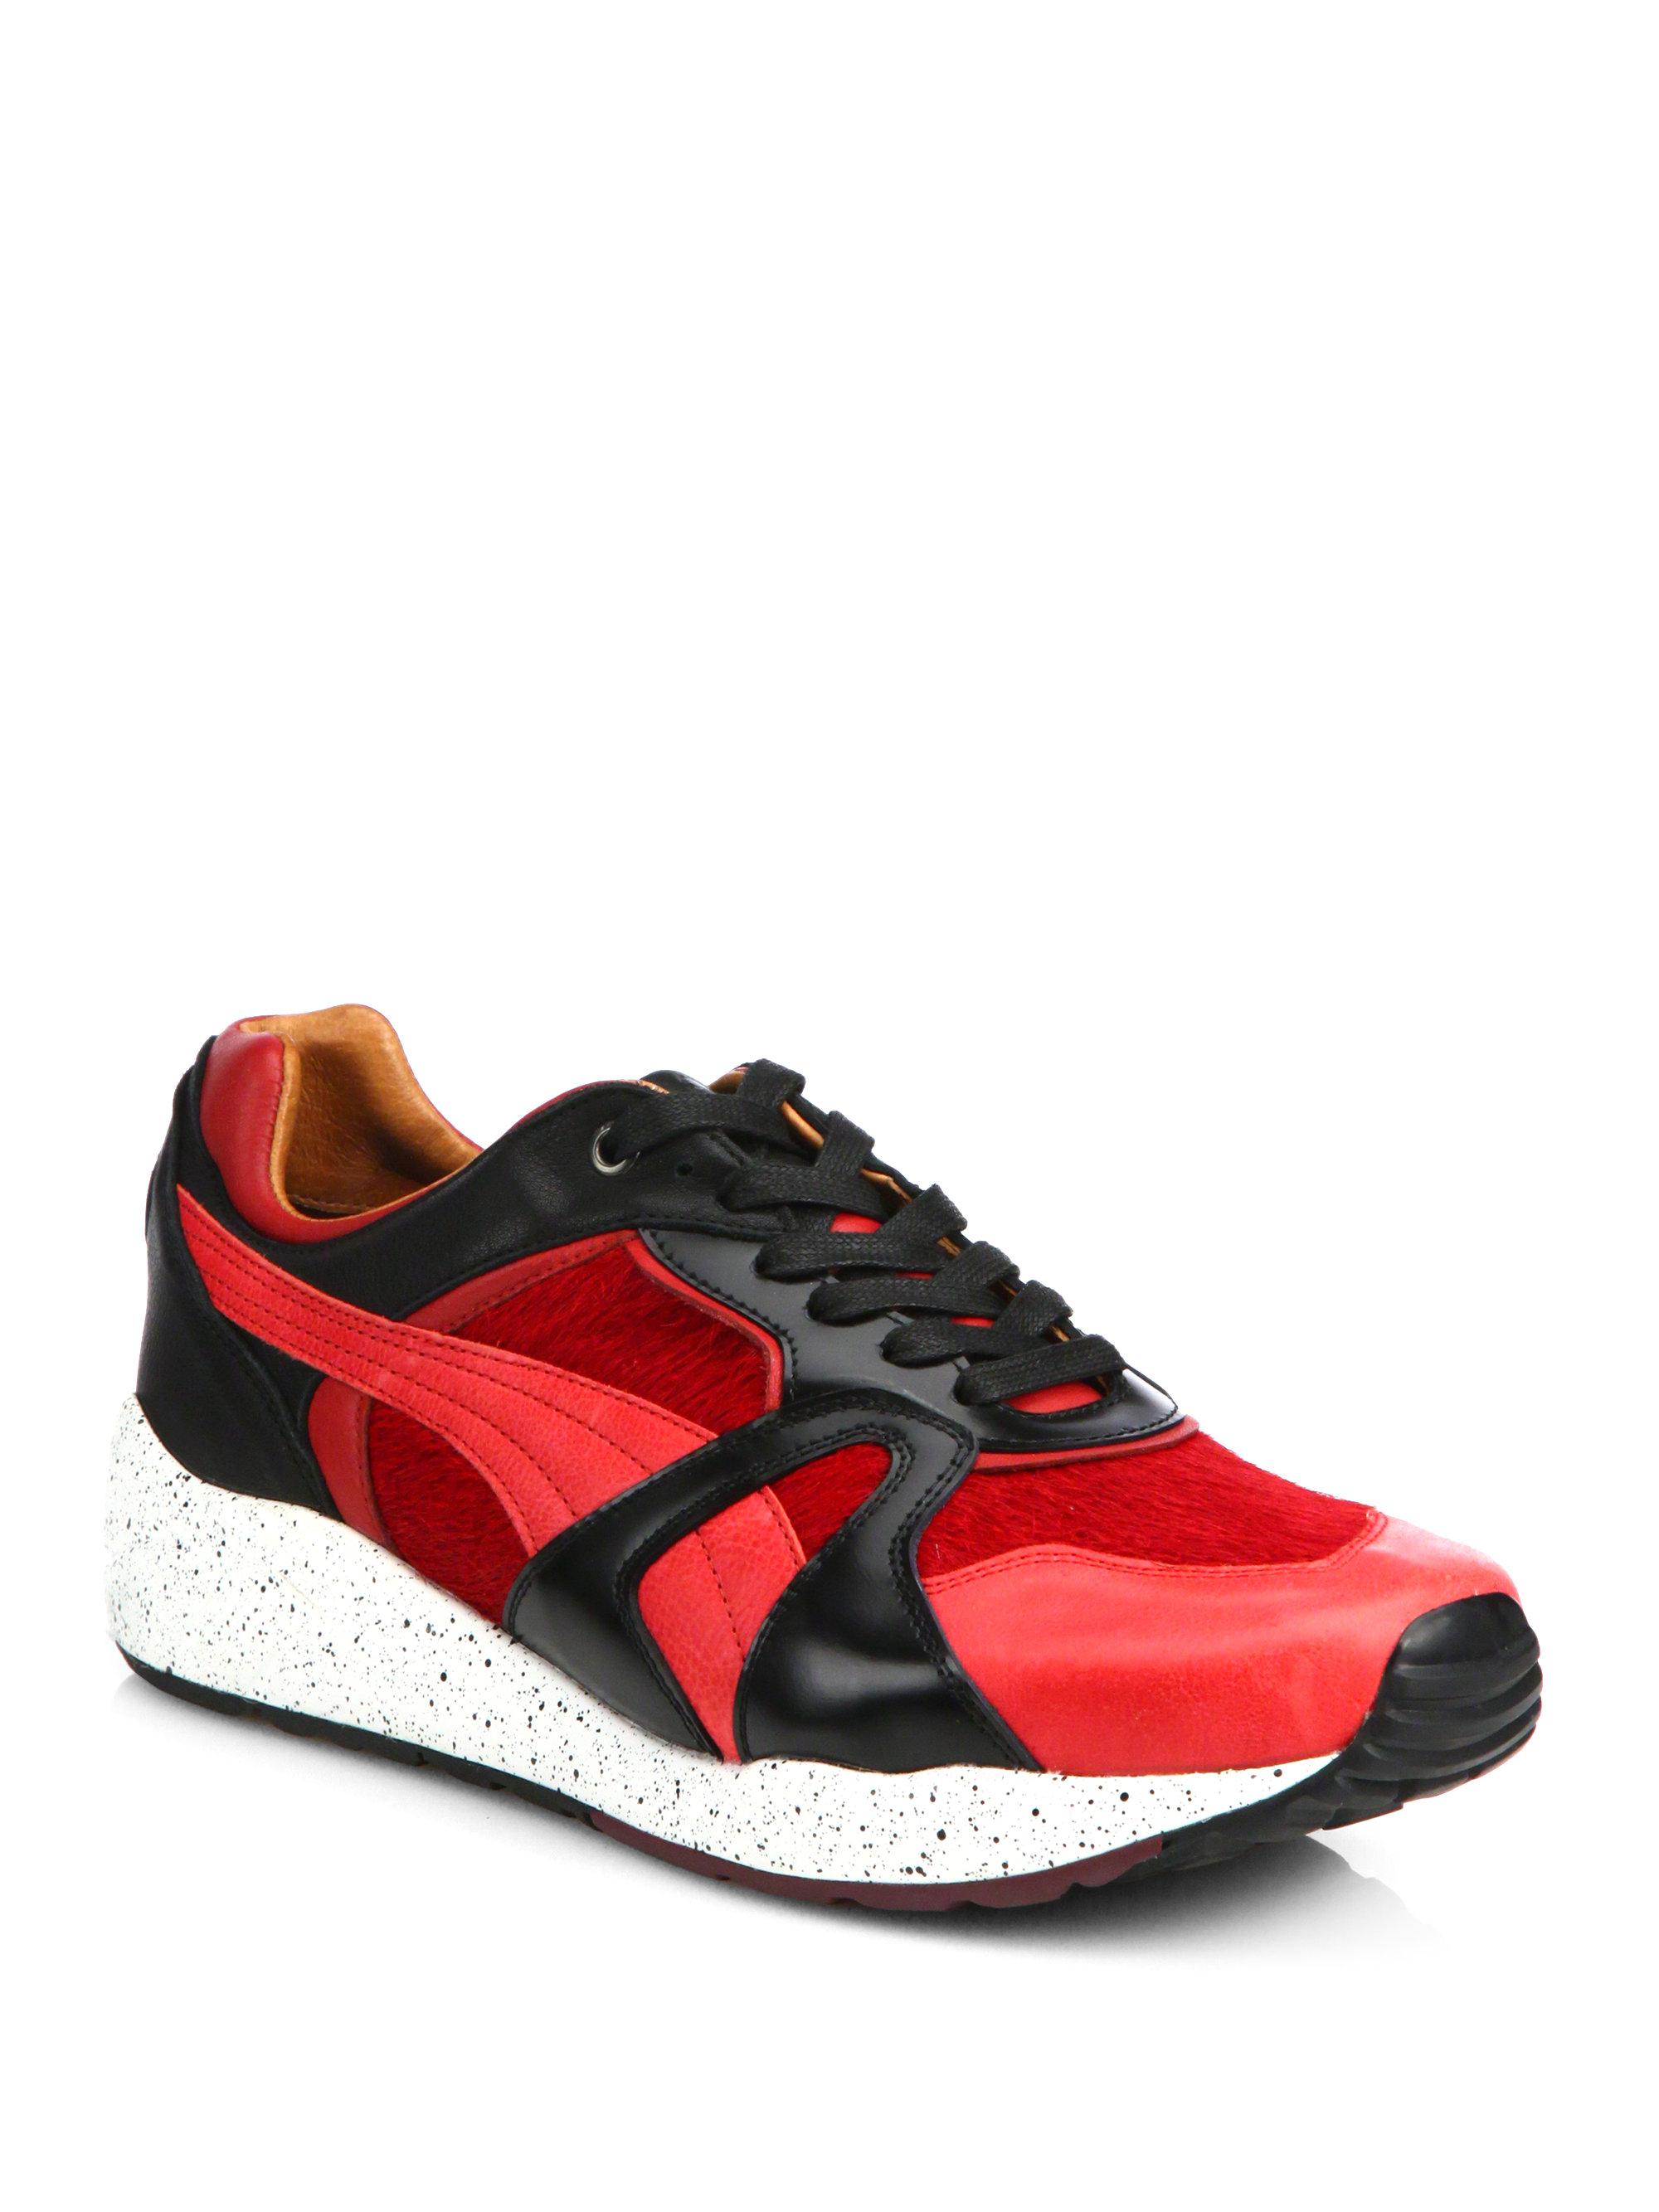 Dc Shoes For Men Nordstrom